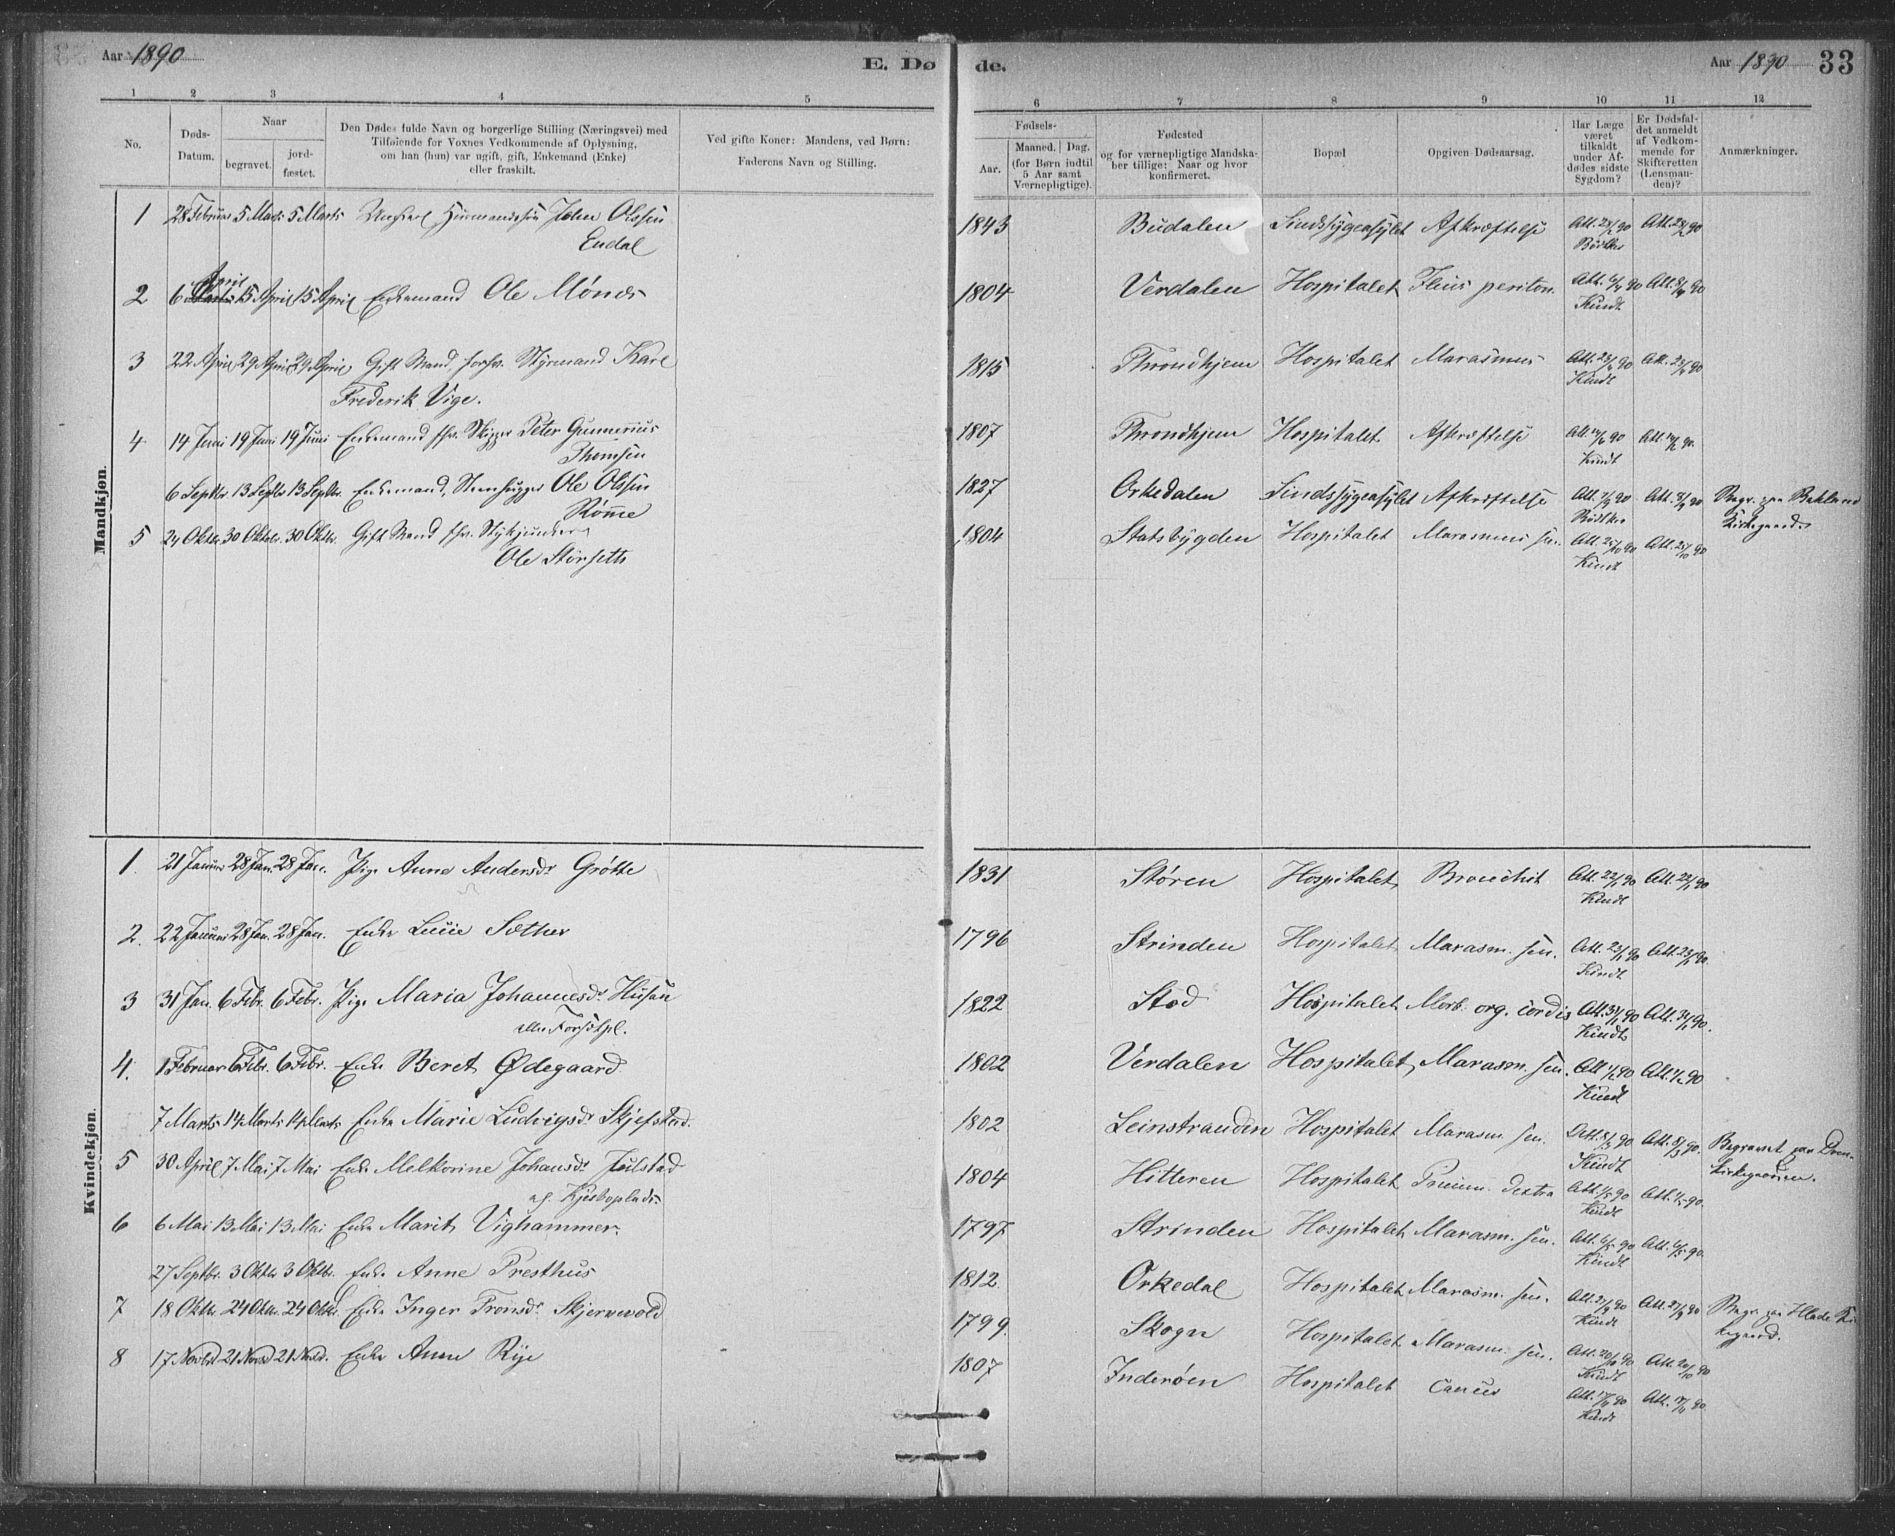 SAT, Ministerialprotokoller, klokkerbøker og fødselsregistre - Sør-Trøndelag, 623/L0470: Ministerialbok nr. 623A04, 1884-1938, s. 33